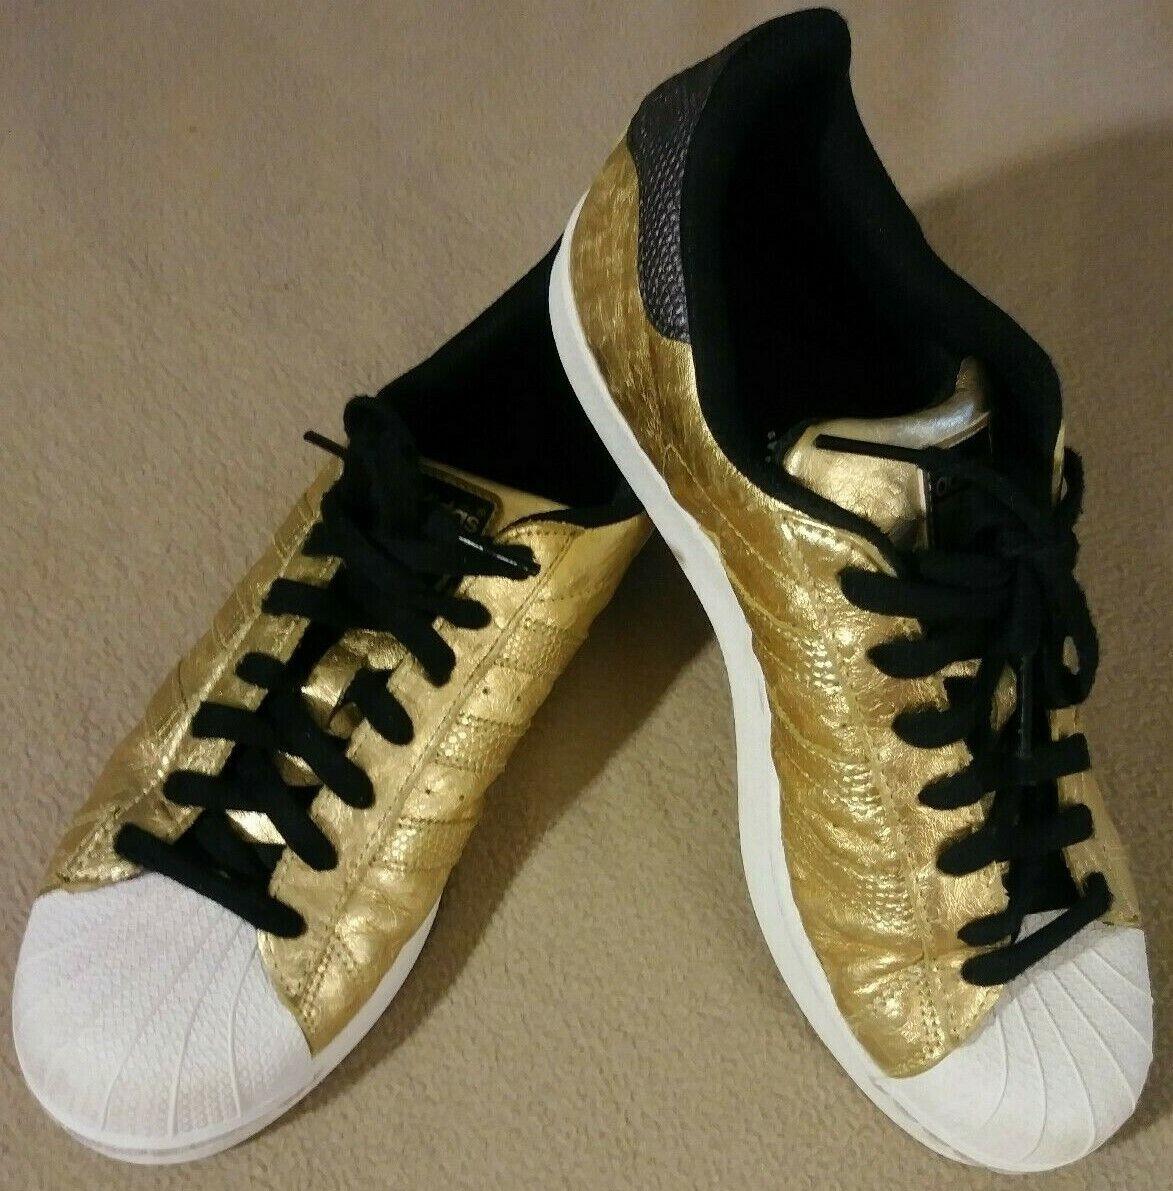 7 1 2 Adidas Superstar Shelltoe oro Metálico Avestruz para hombres talla 7.5 cabezas de gato